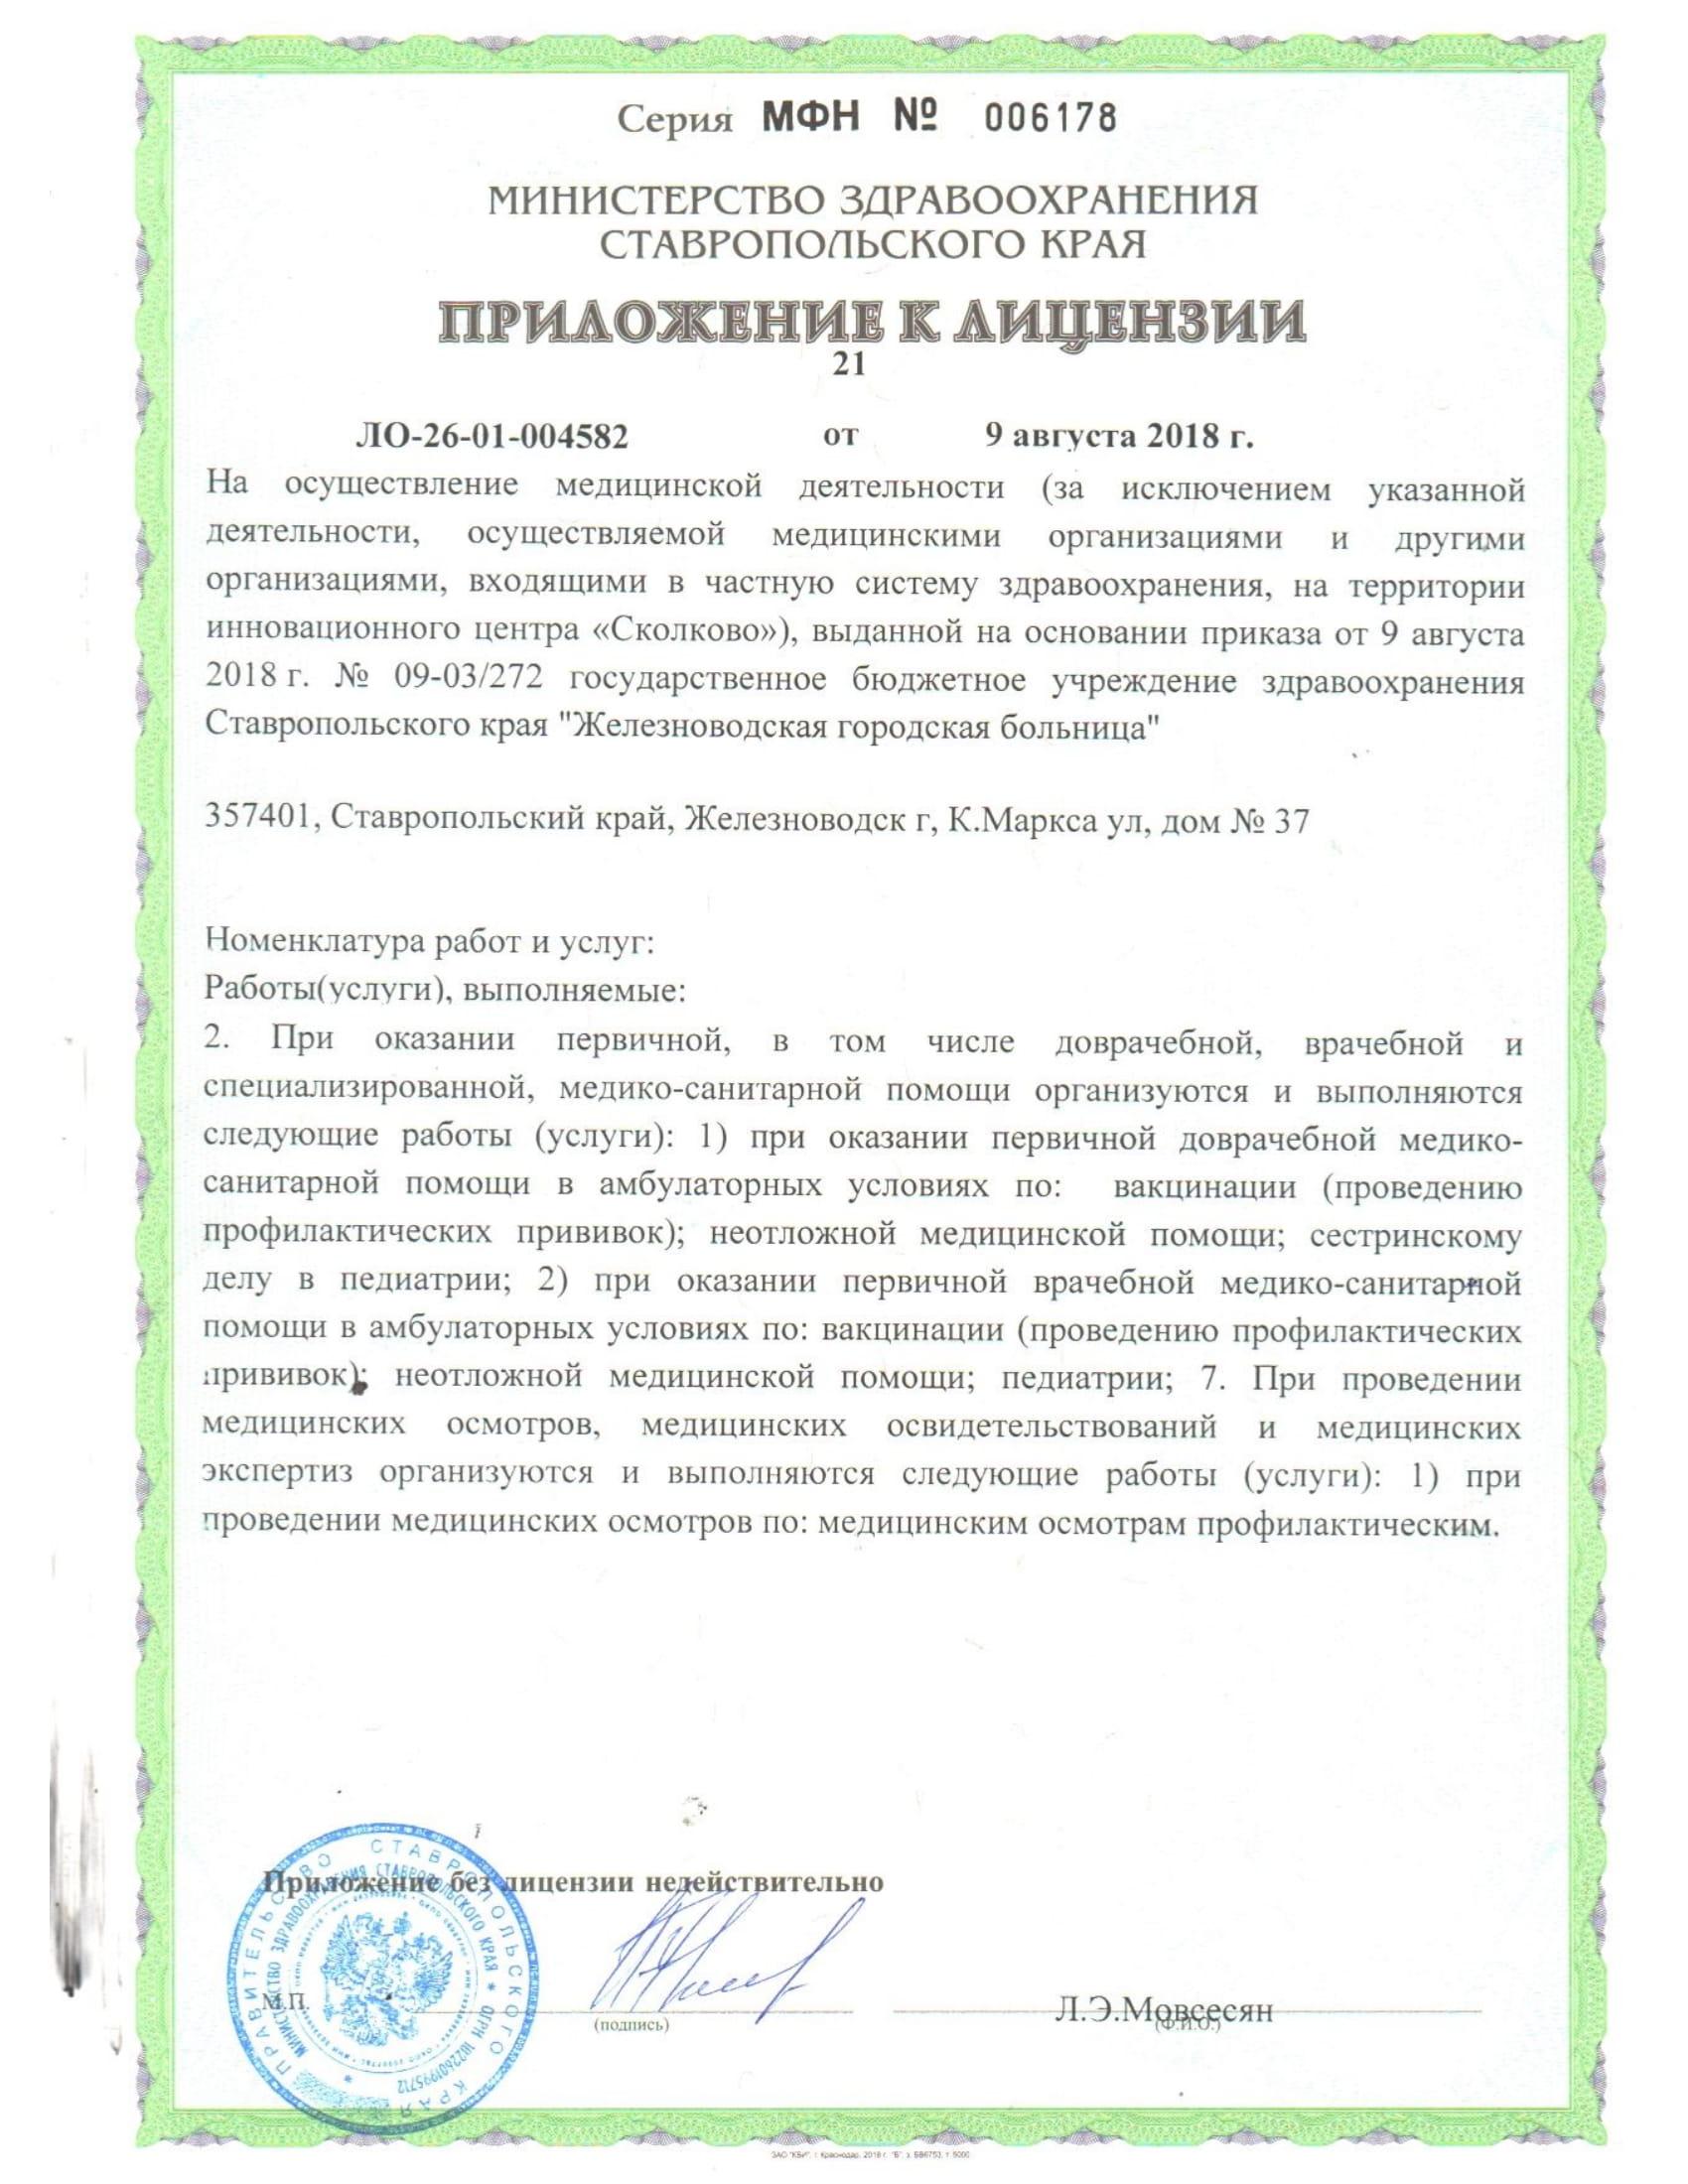 лицензия 2018 от 09.08.2018-28